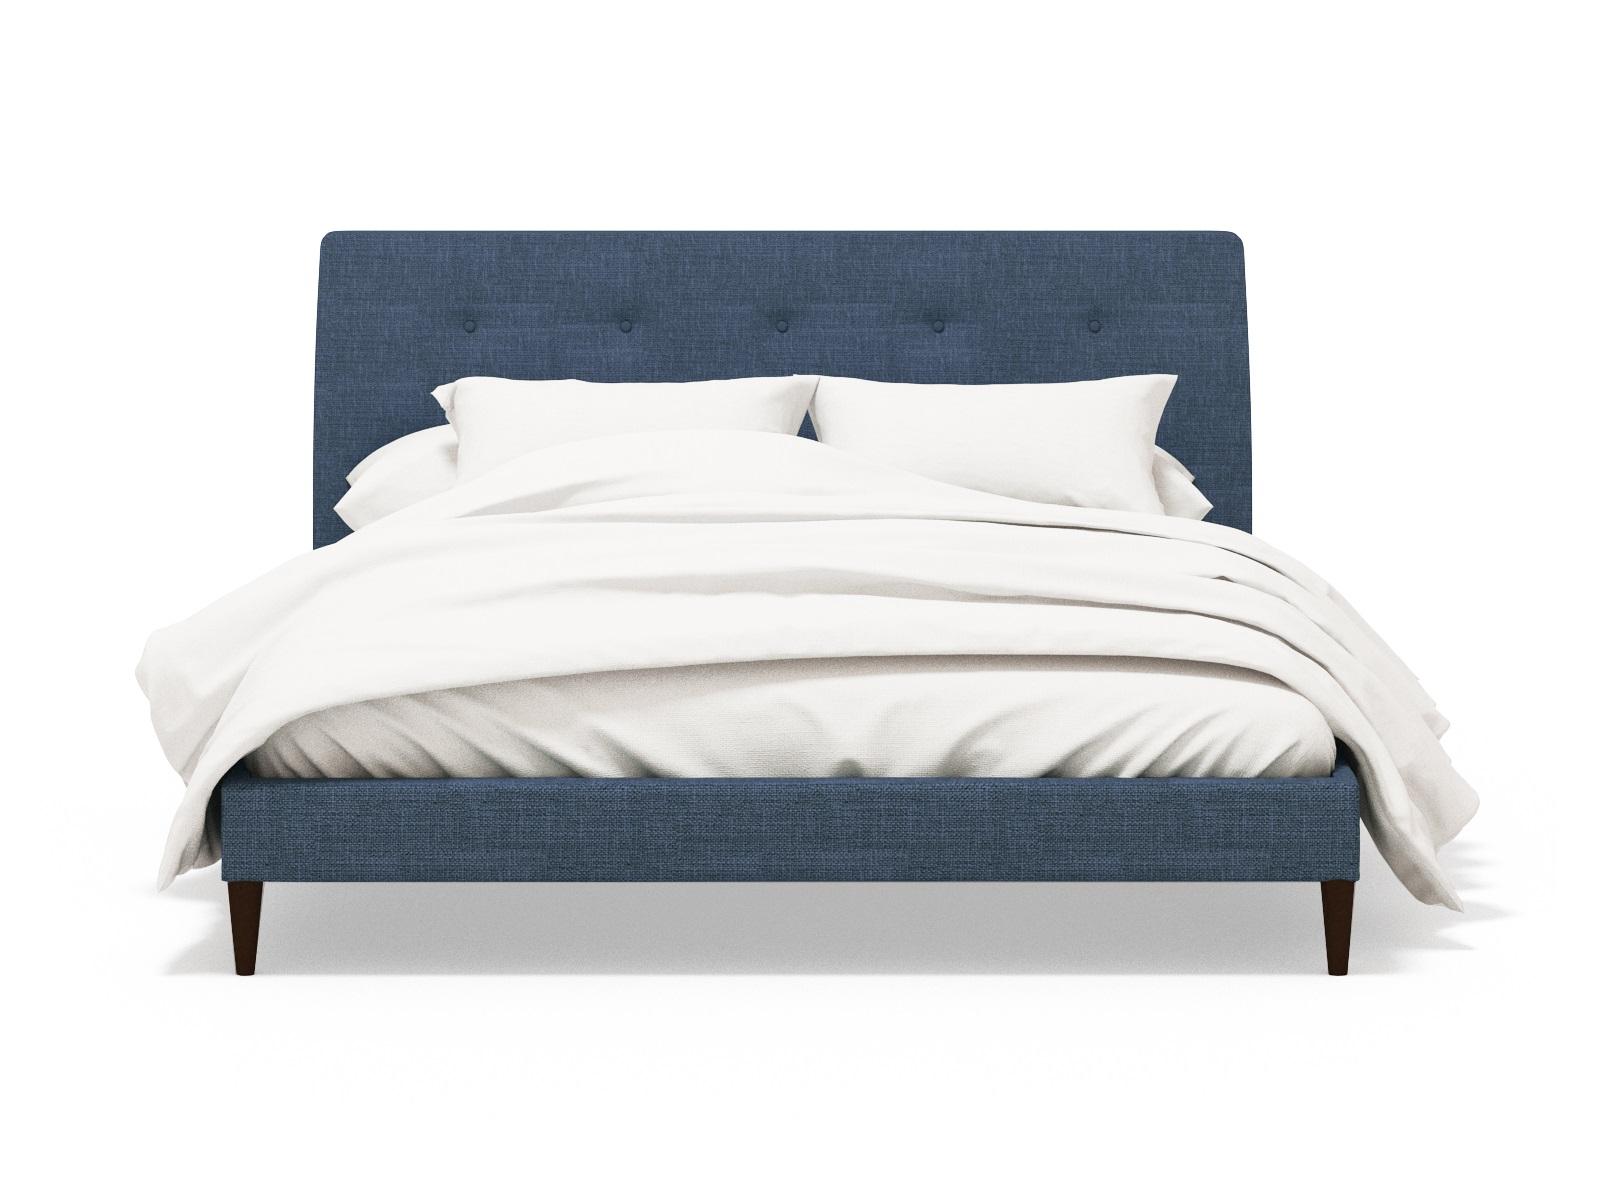 Мягкая кровать HofferКровати с мягким изголовьем<br>Кровать Hoffer, несмотря на свою простоту, будет выглядеть в вашей спальне очень стильно и лаконично. Она выполнена в дорогом насыщенном синем цвете и имеет изящную стяжку на мягком изголовье. Основание кровати выполнено из массива дерева и отвечает высочайшим европейским стандартам.<br>Размер спального места: 180х200. <br>Возможно изготовление в других цветах и тканях.<br>Доп. опция: подъемный механизм. Подробности уточняйте у менеджера.<br>